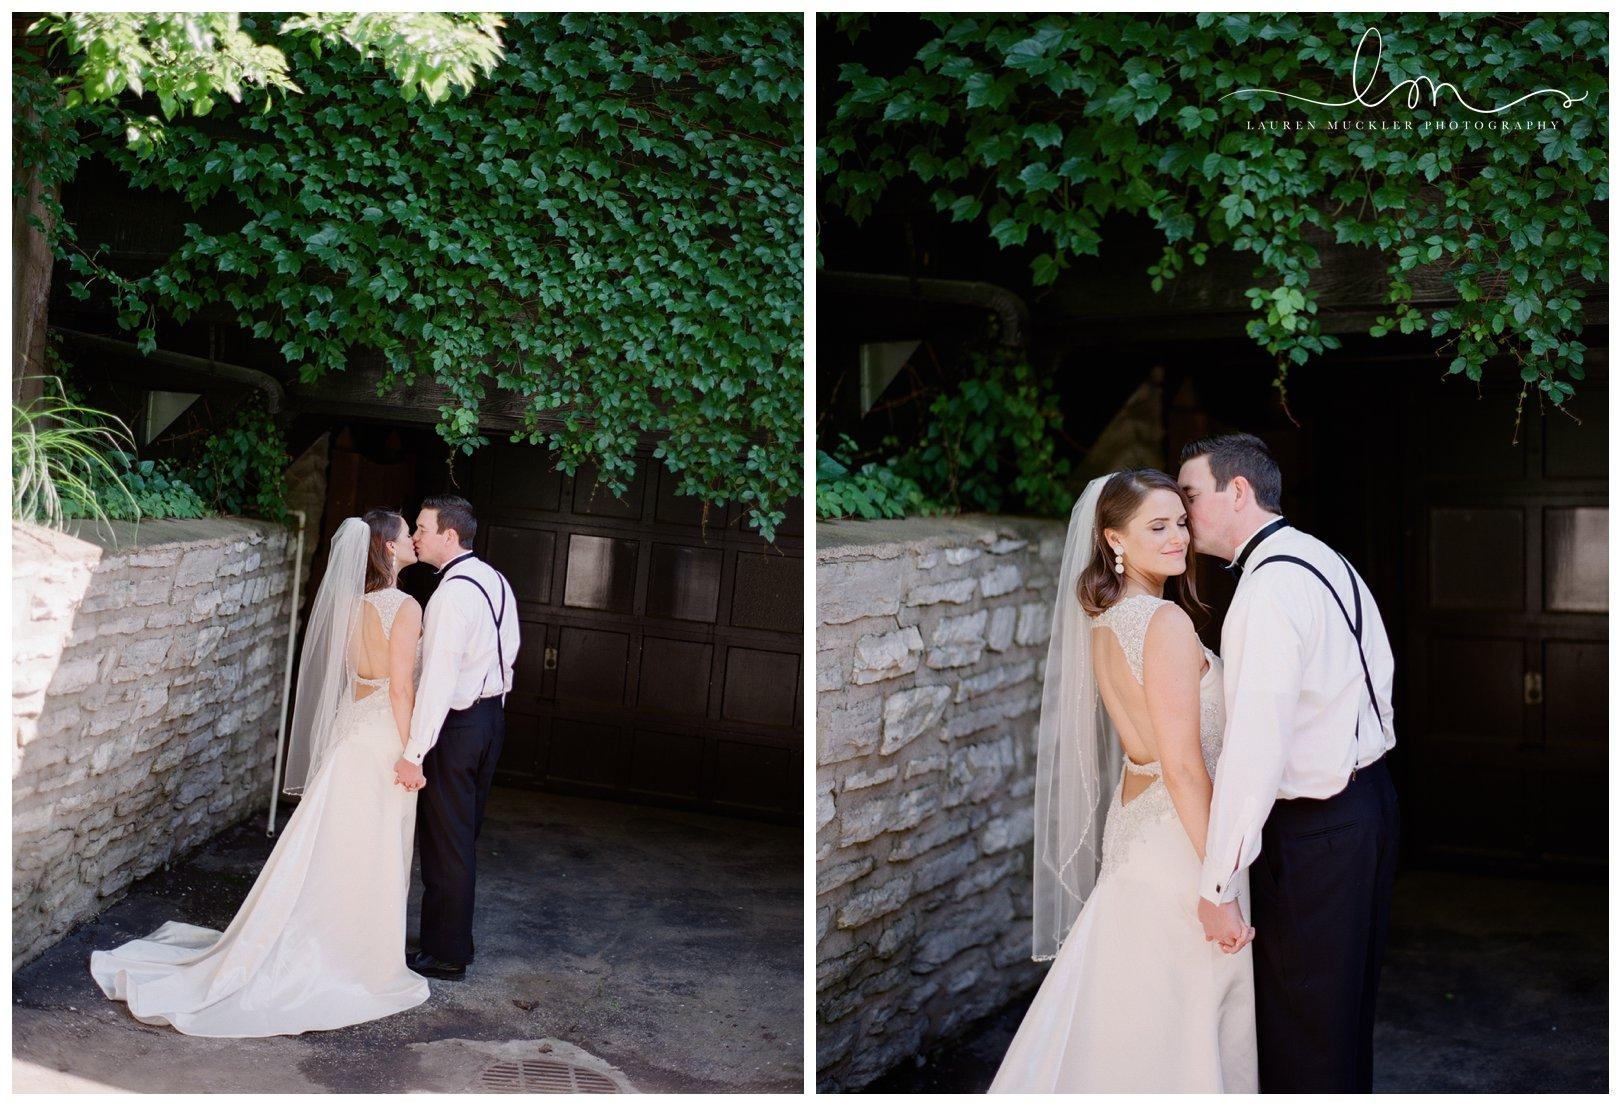 lauren muckler photography_fine art film wedding photography_st louis_photography_0235.jpg